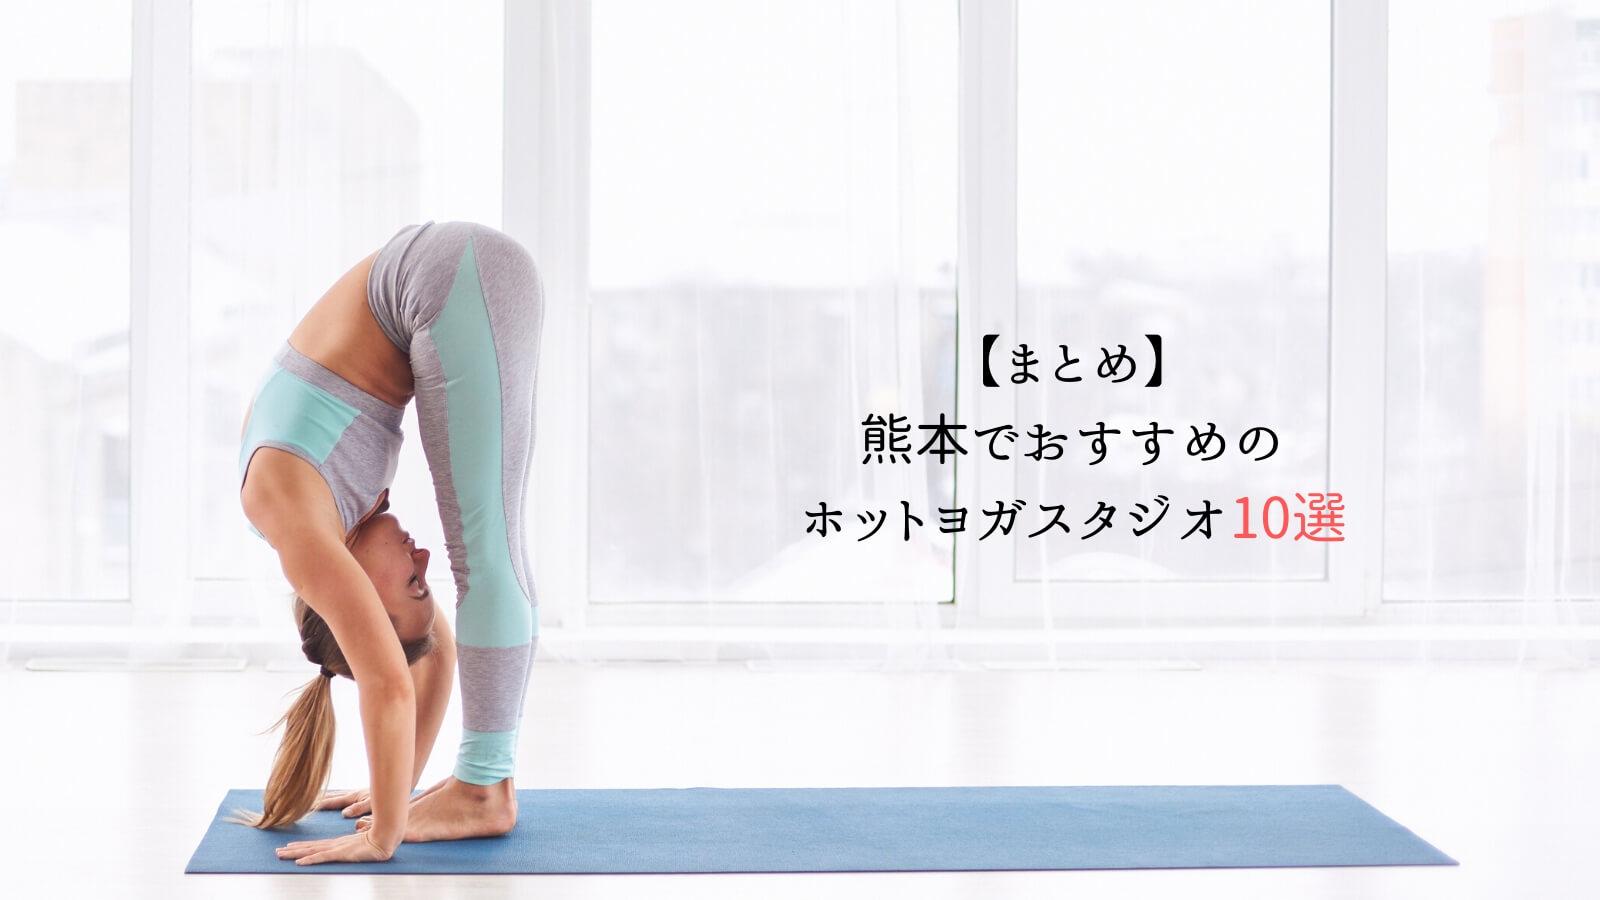 【まとめ】熊本でおすすめのホットヨガスタジオ10選